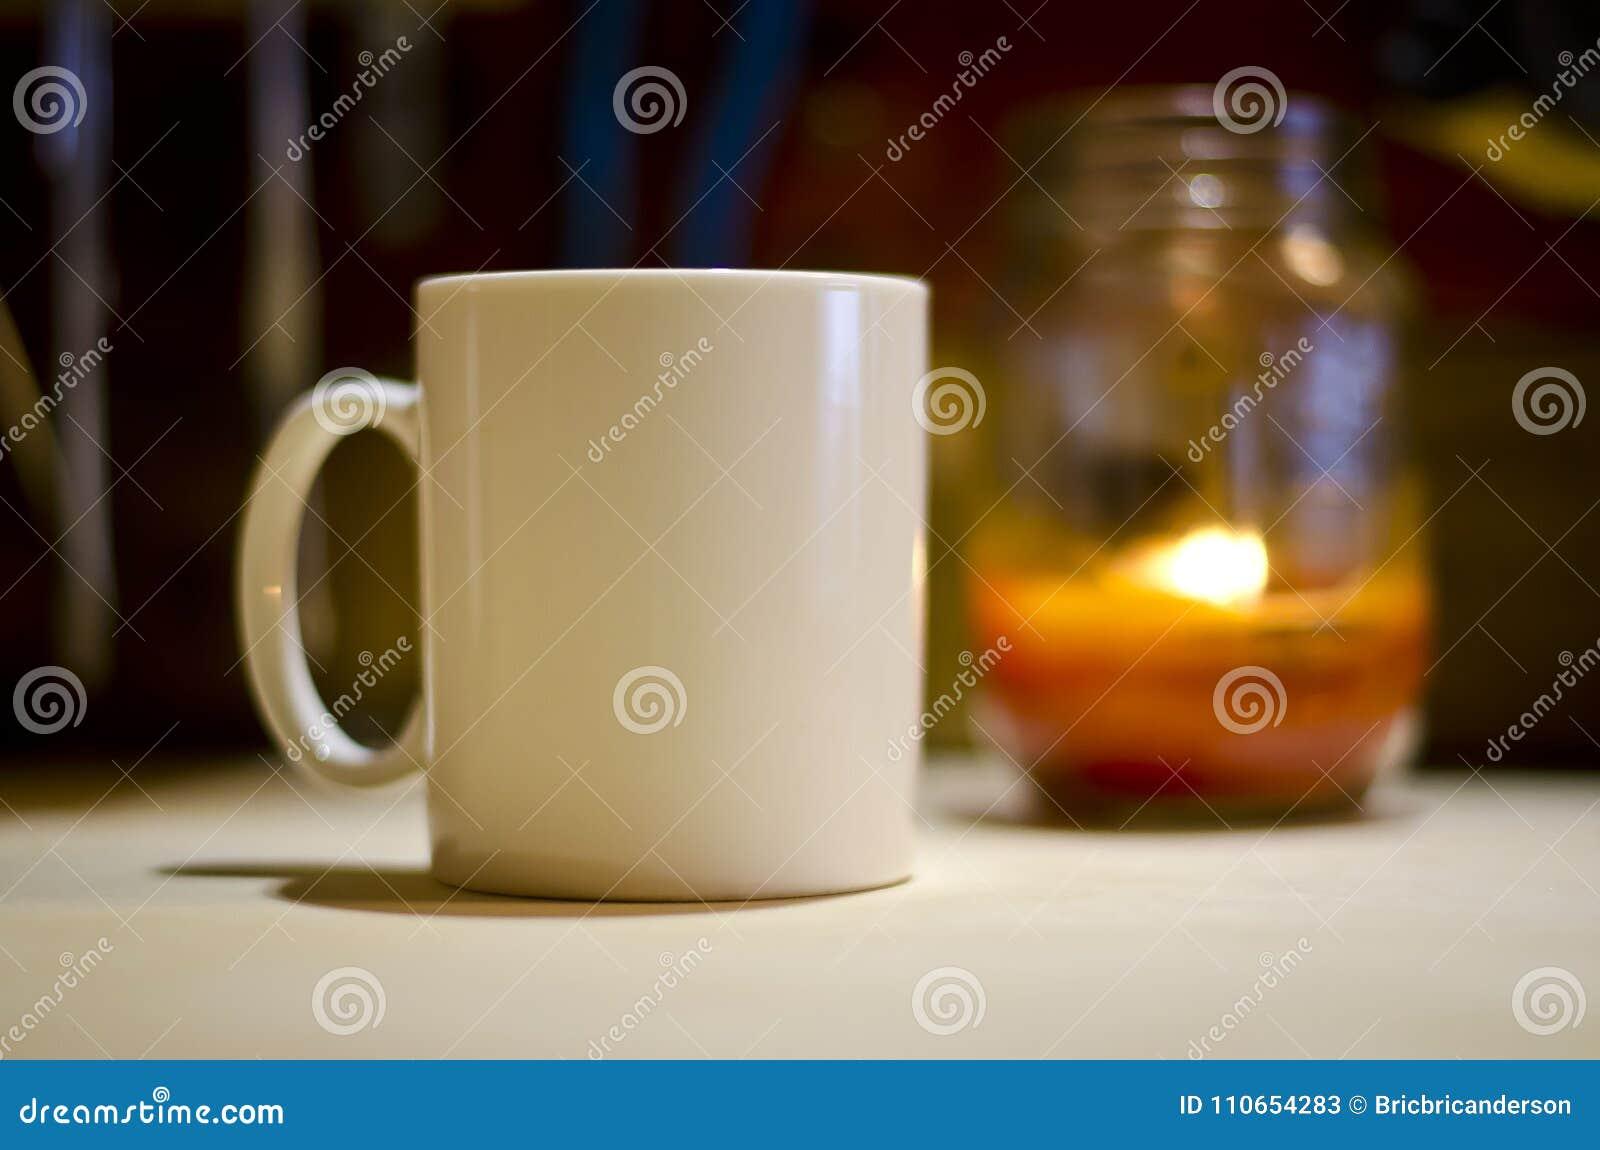 Next Mug Candle